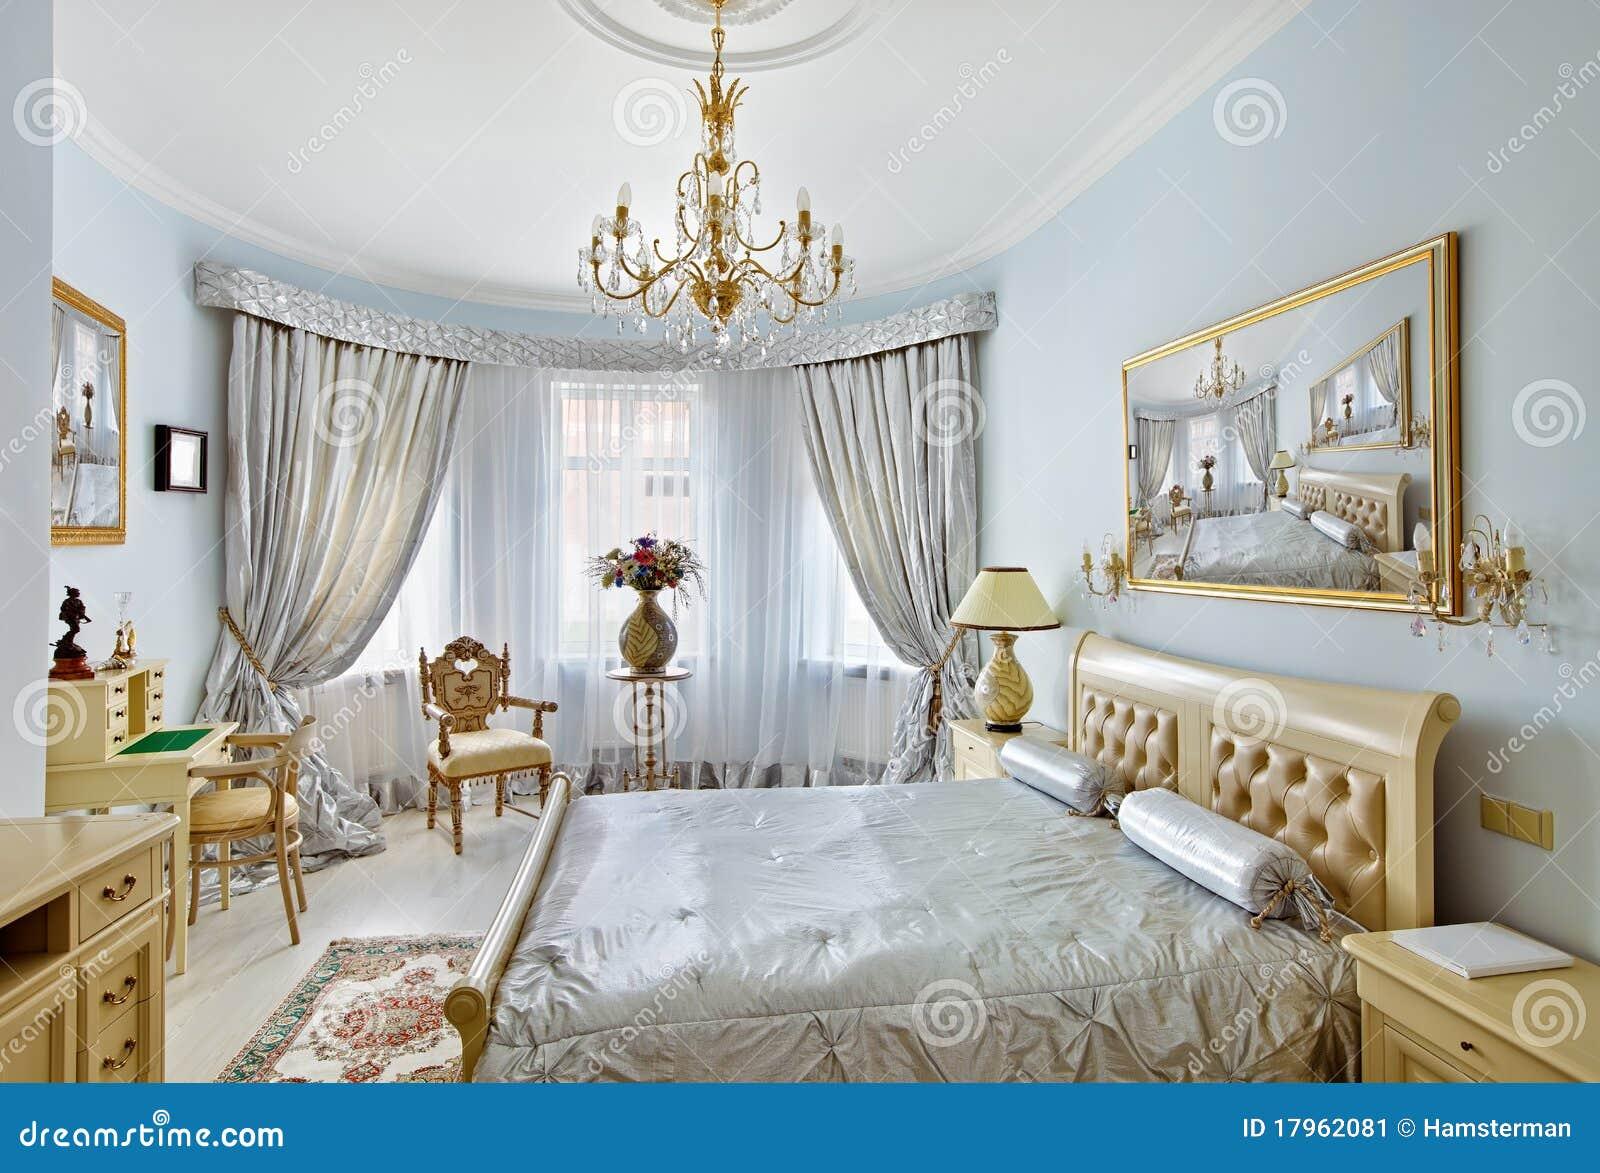 Letti Classici Di Lusso : Interiore di lusso della camera da letto di stile classico in